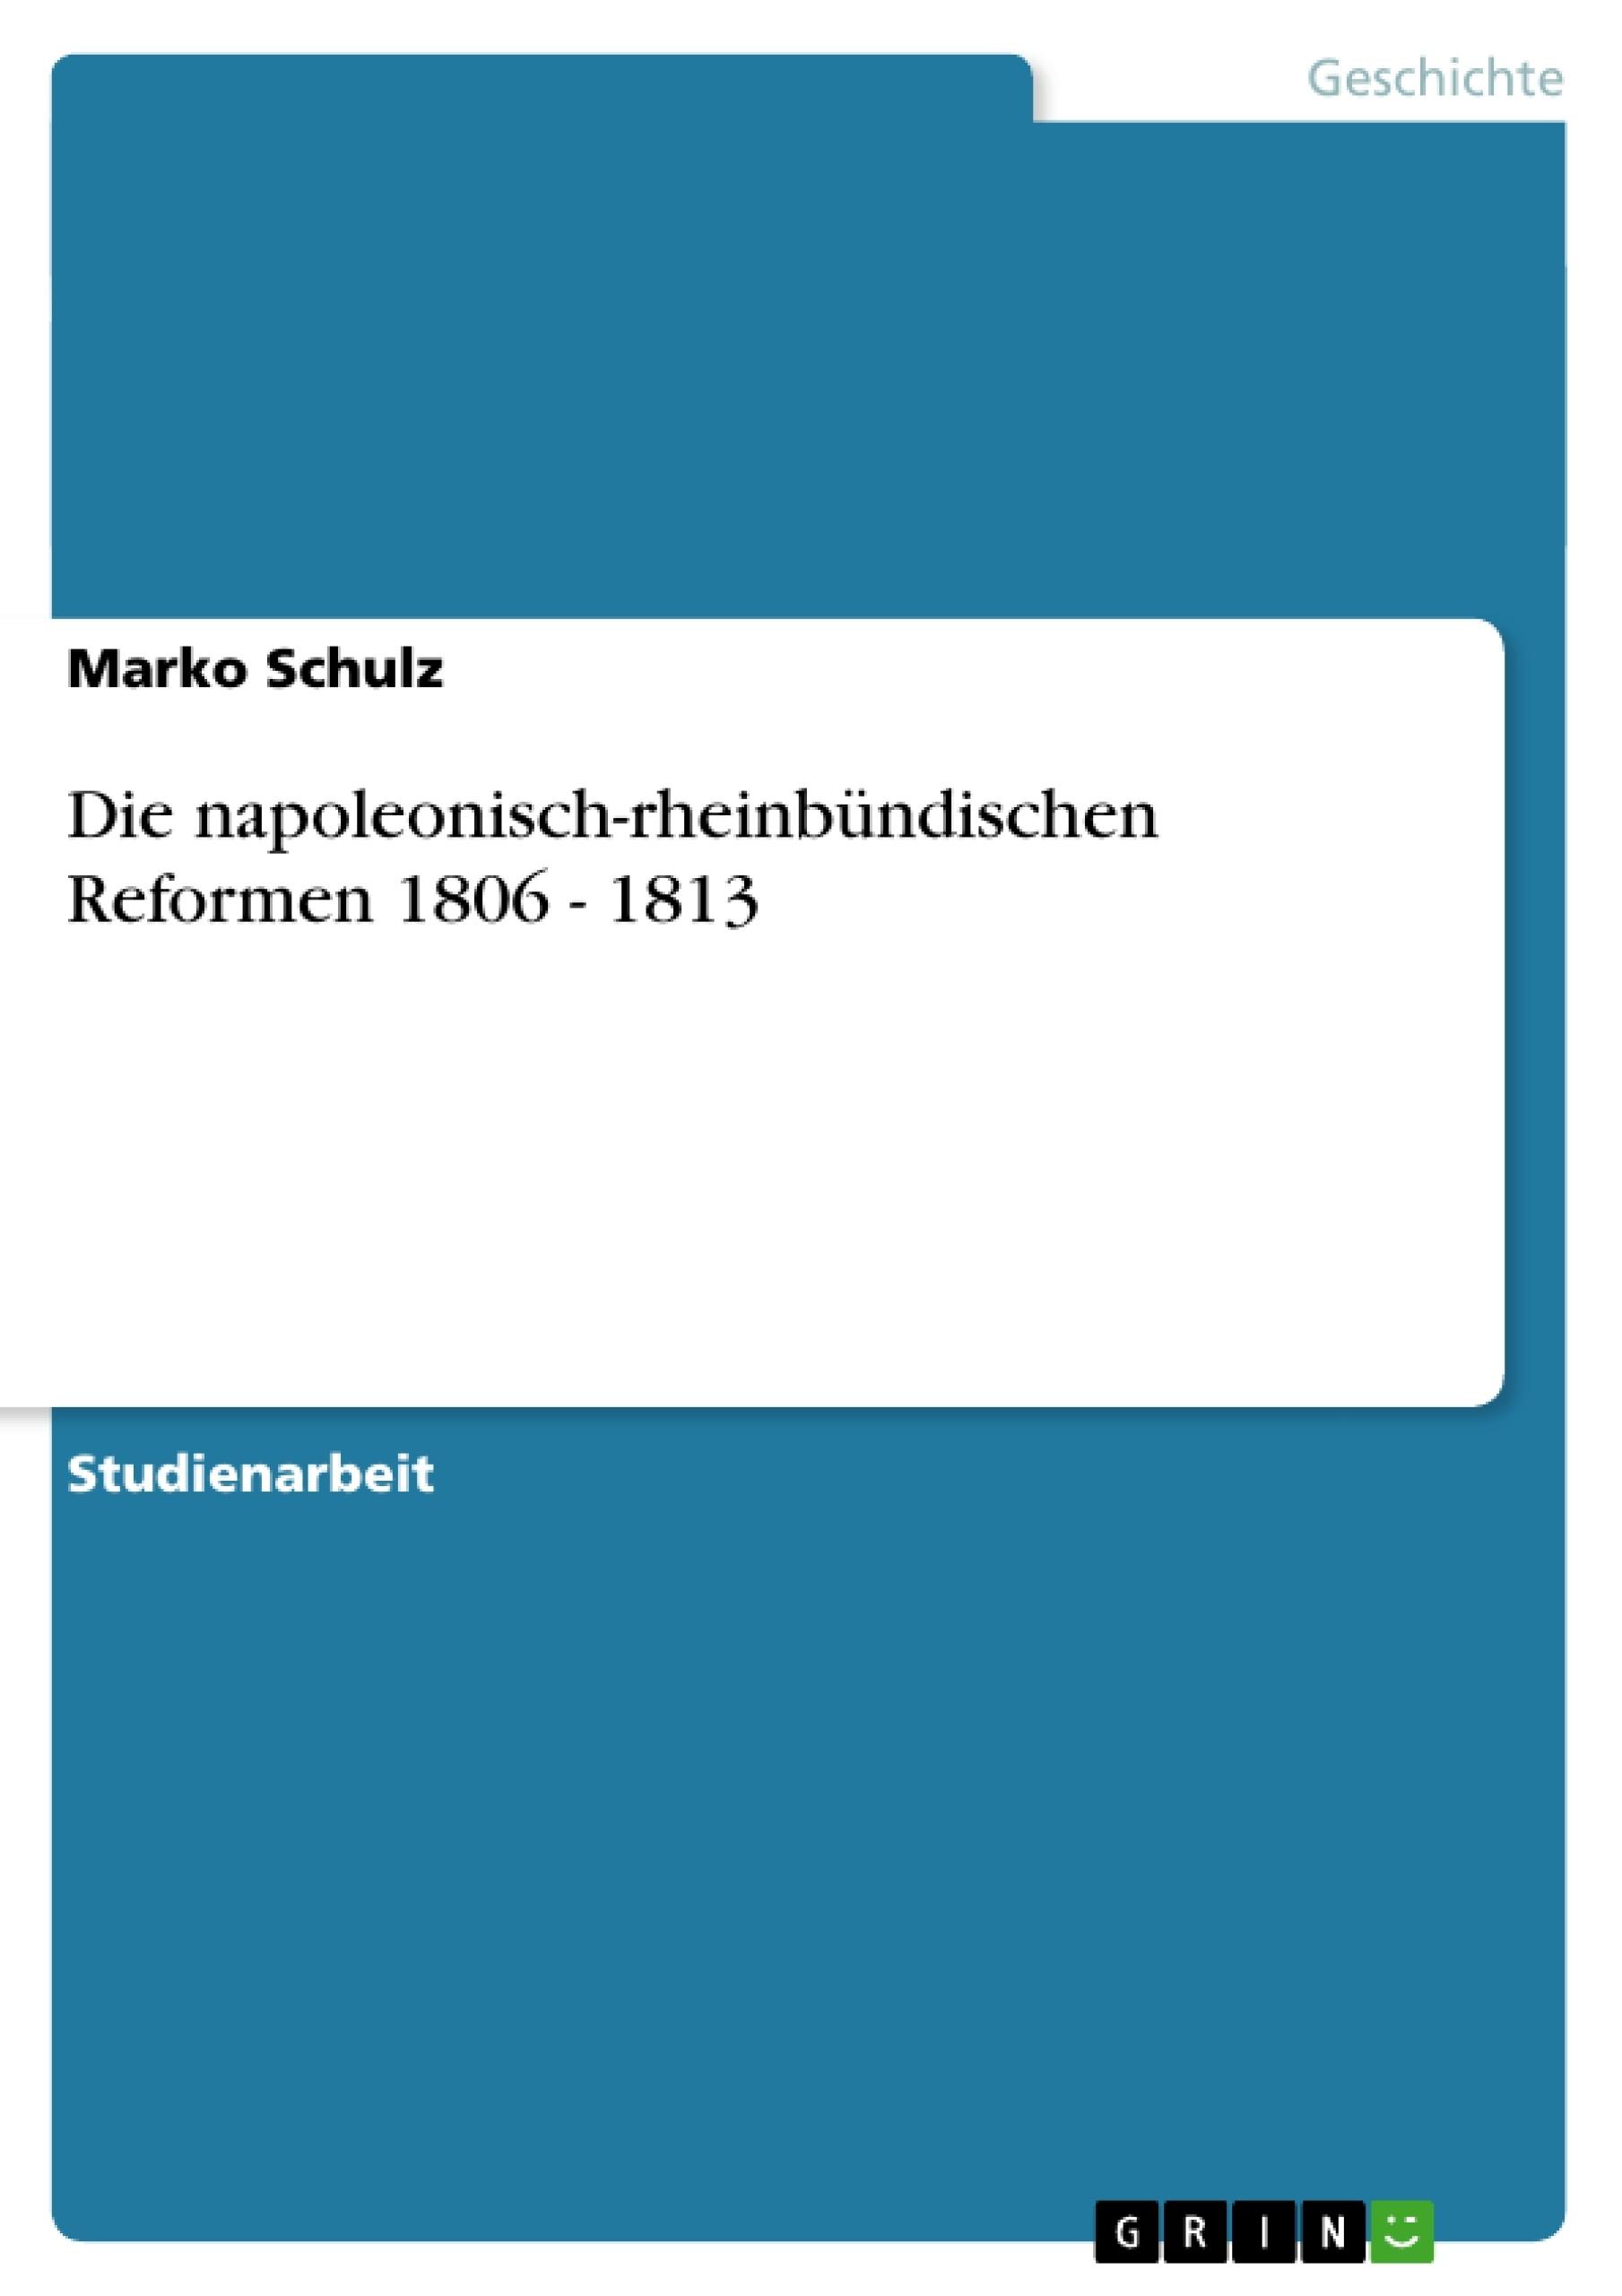 Titel: Die napoleonisch-rheinbündischen Reformen 1806 - 1813